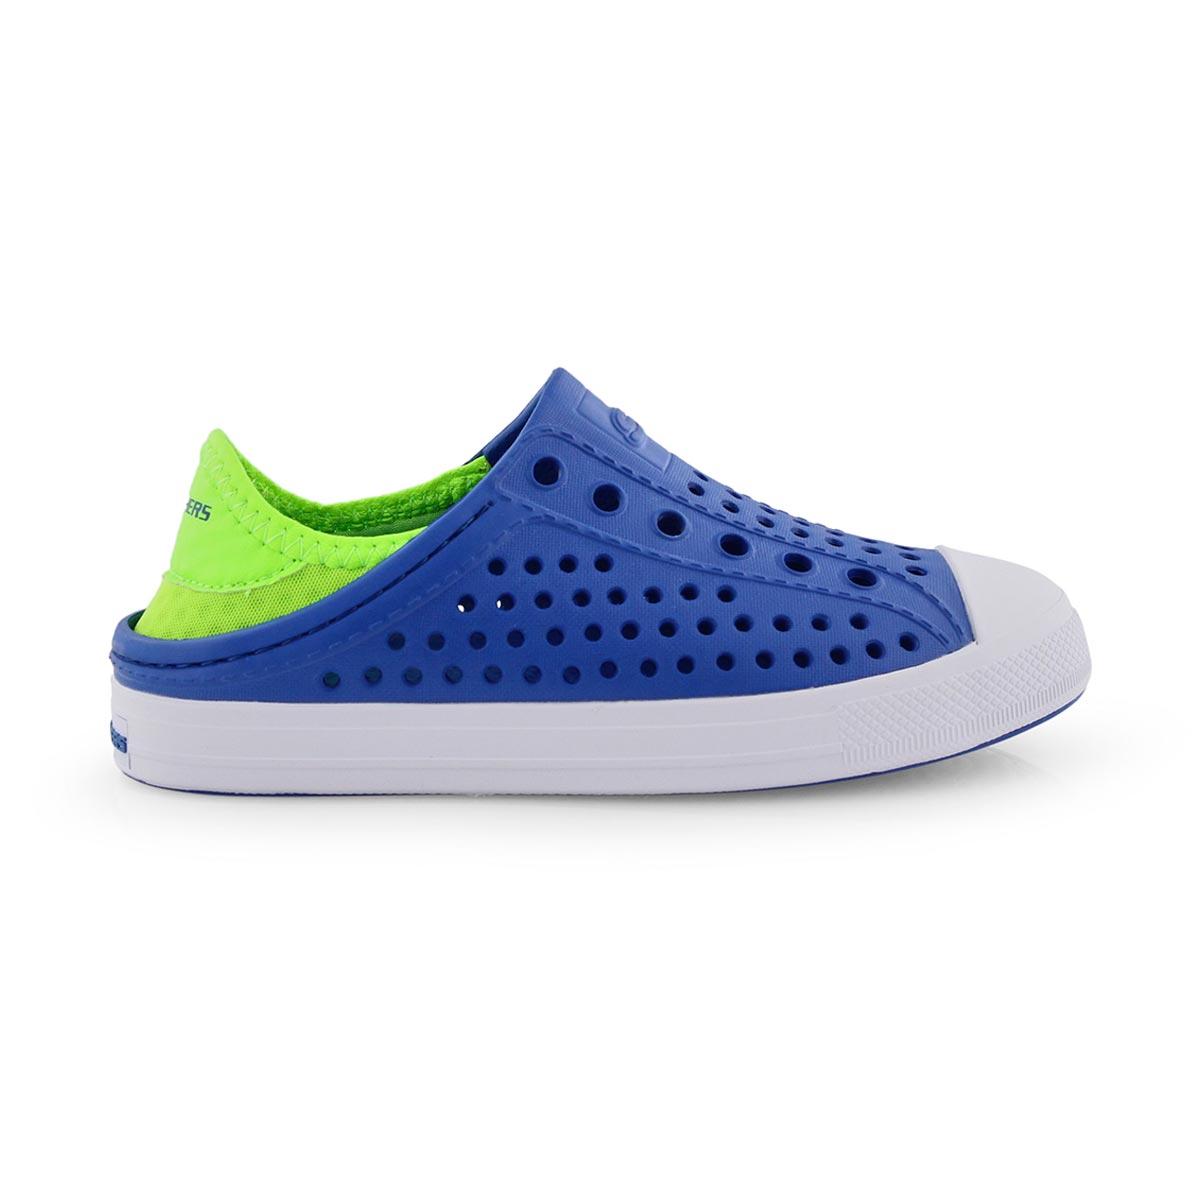 Bys GuzmanStepsAquaSurge blk/lme shoes